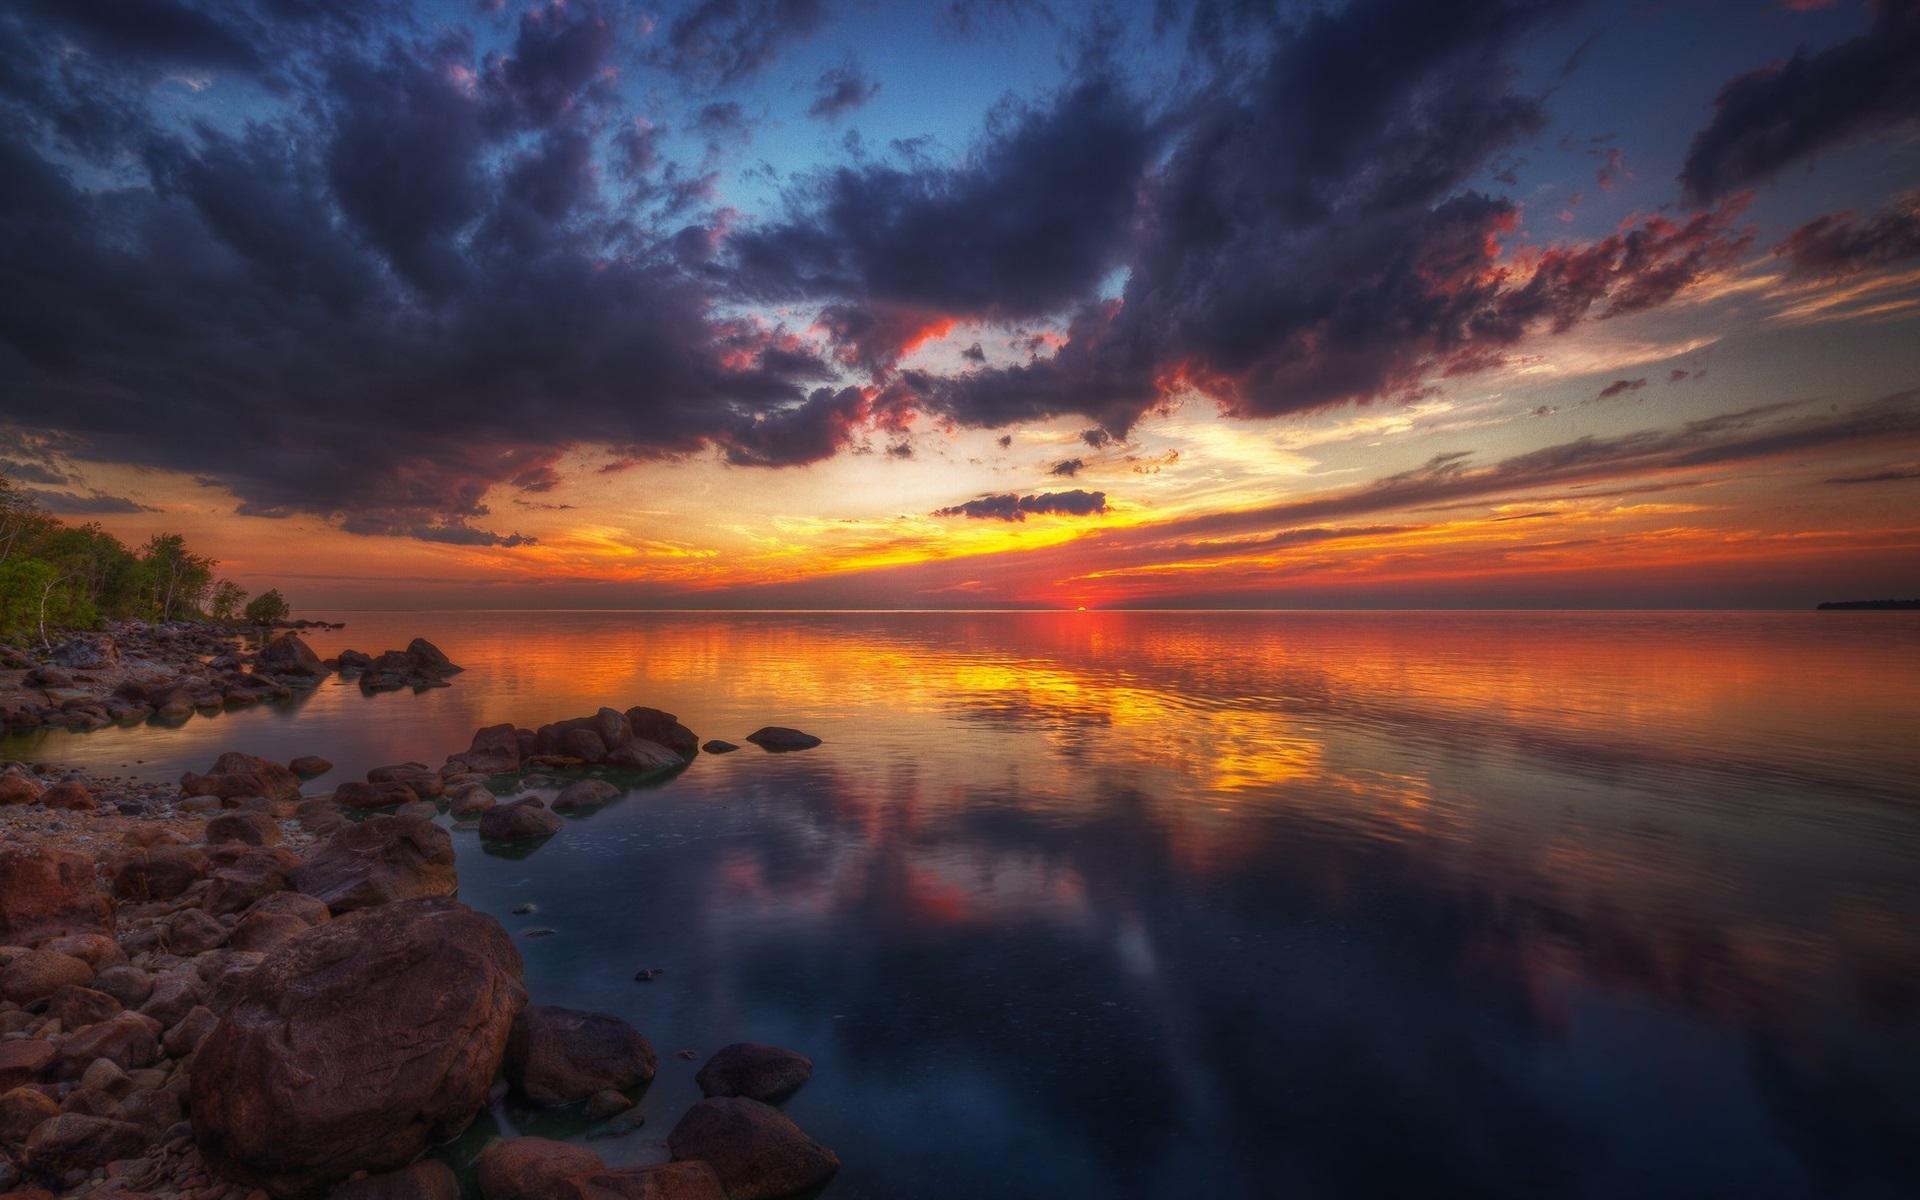 красивейшие закаты фото подборка, наш